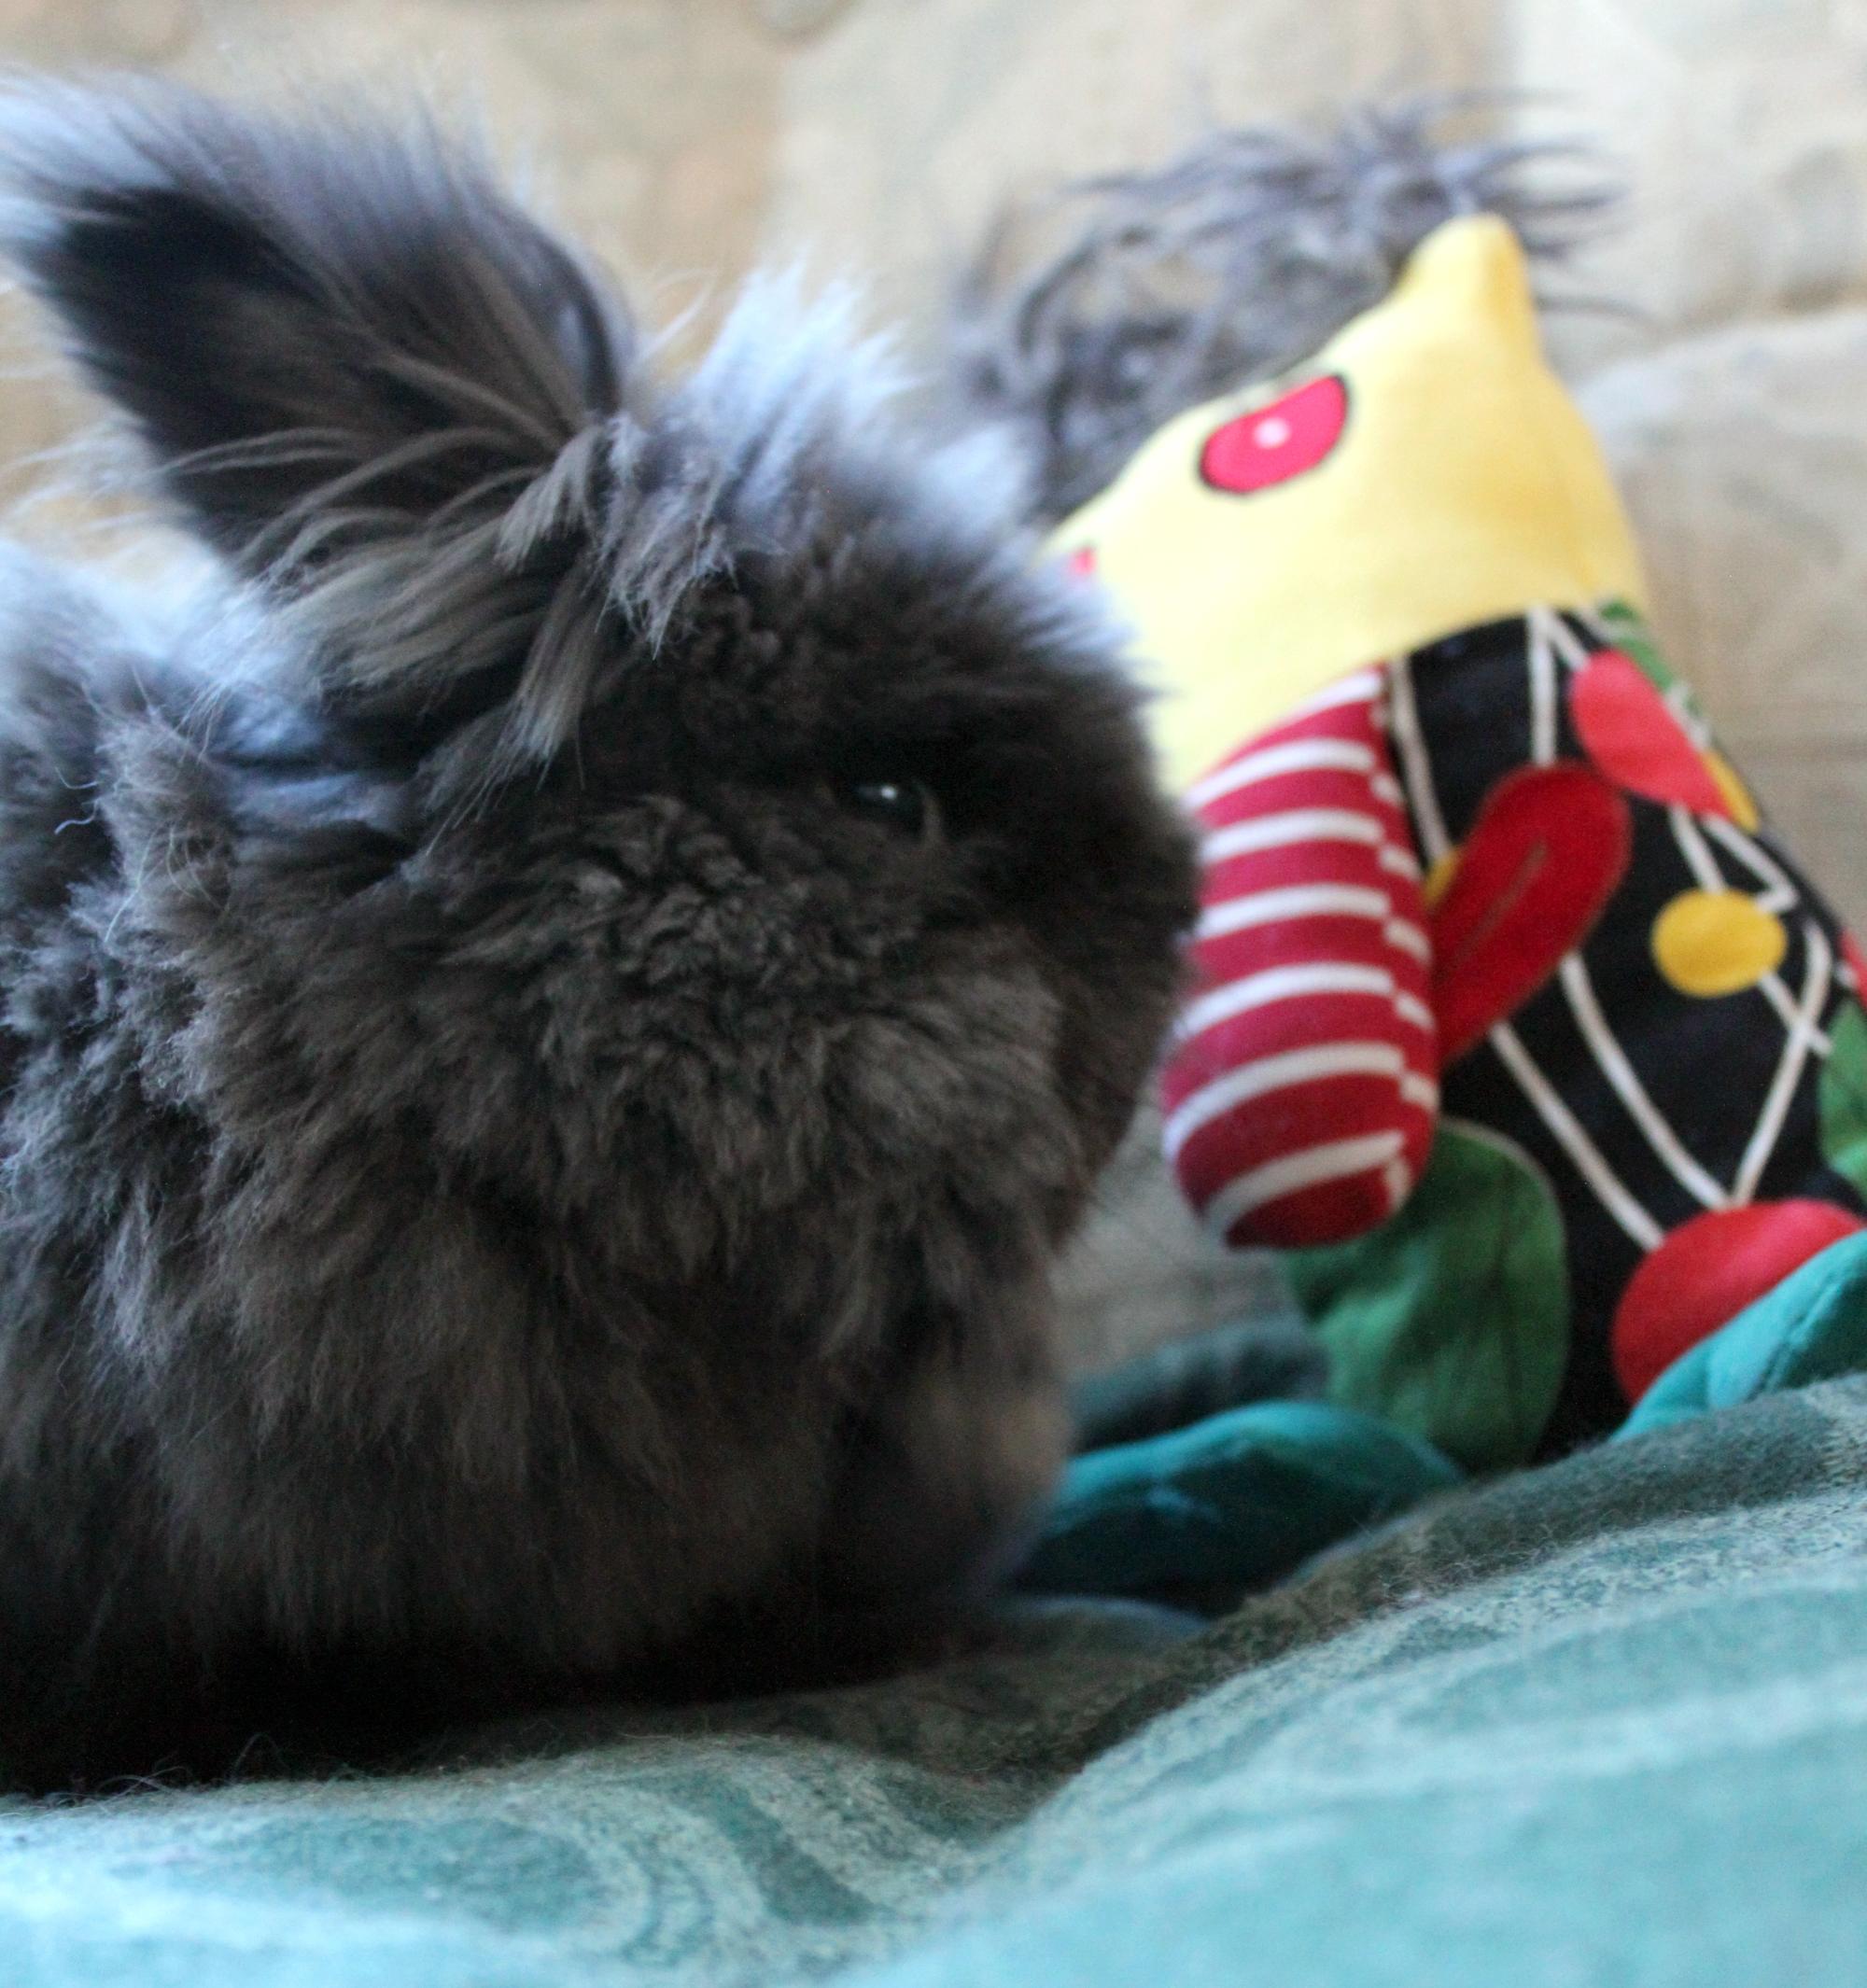 Super-Fluffy Bunny in Profile